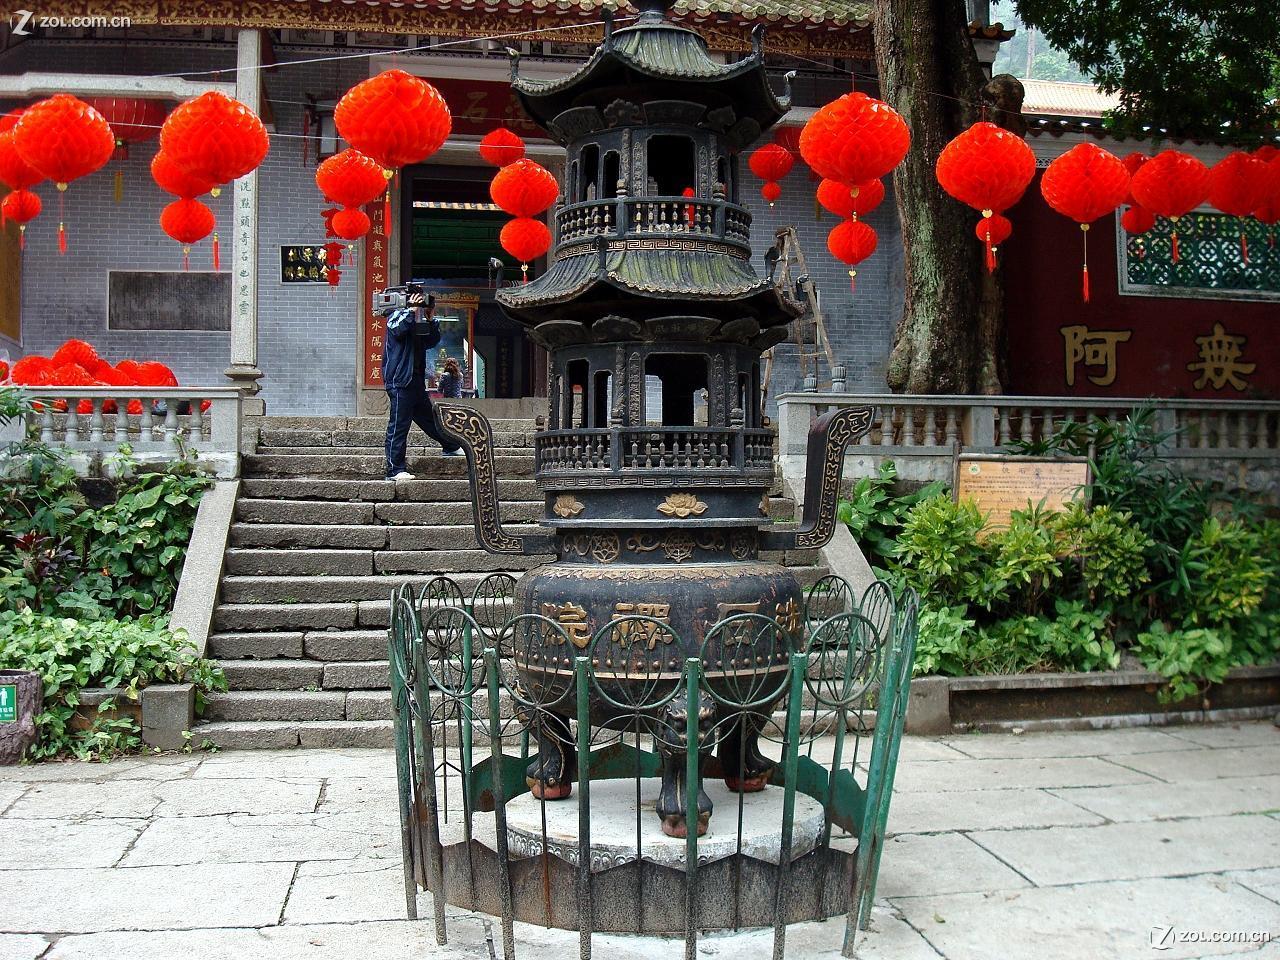 【广西桂平西山风景区--上集】-人文纪实论坛-zol